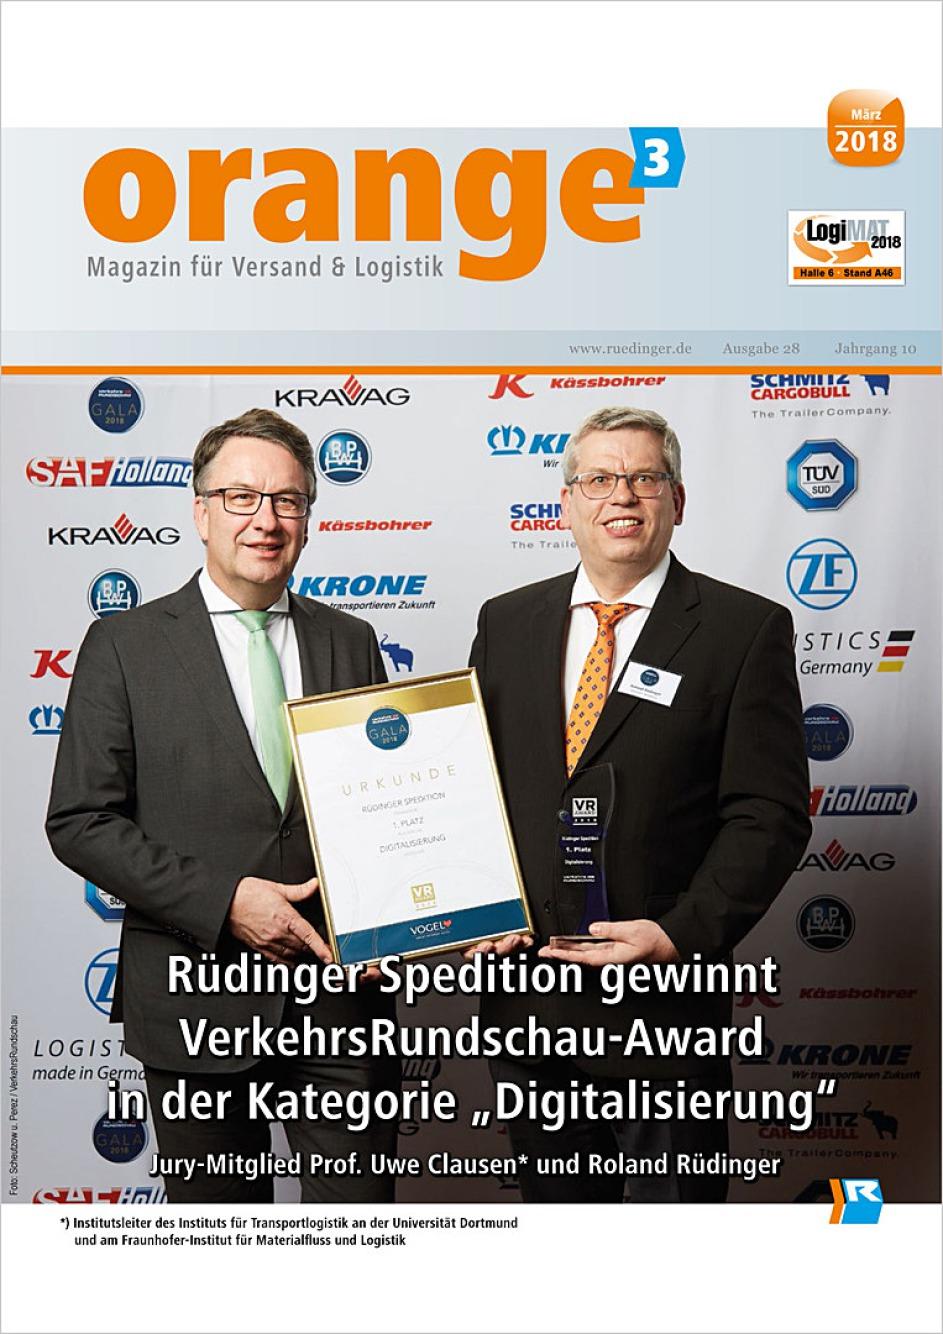 """Es ist die Titelseite der Rüdinger-Zeitschrift """"orange³"""". Man sieht den Button """"März 2018"""". Darunter sind in einem riesigen Bild zwei Personen abgebildet, die gemeinsam eine Urkunde, den 1. Preis demonstrieren."""